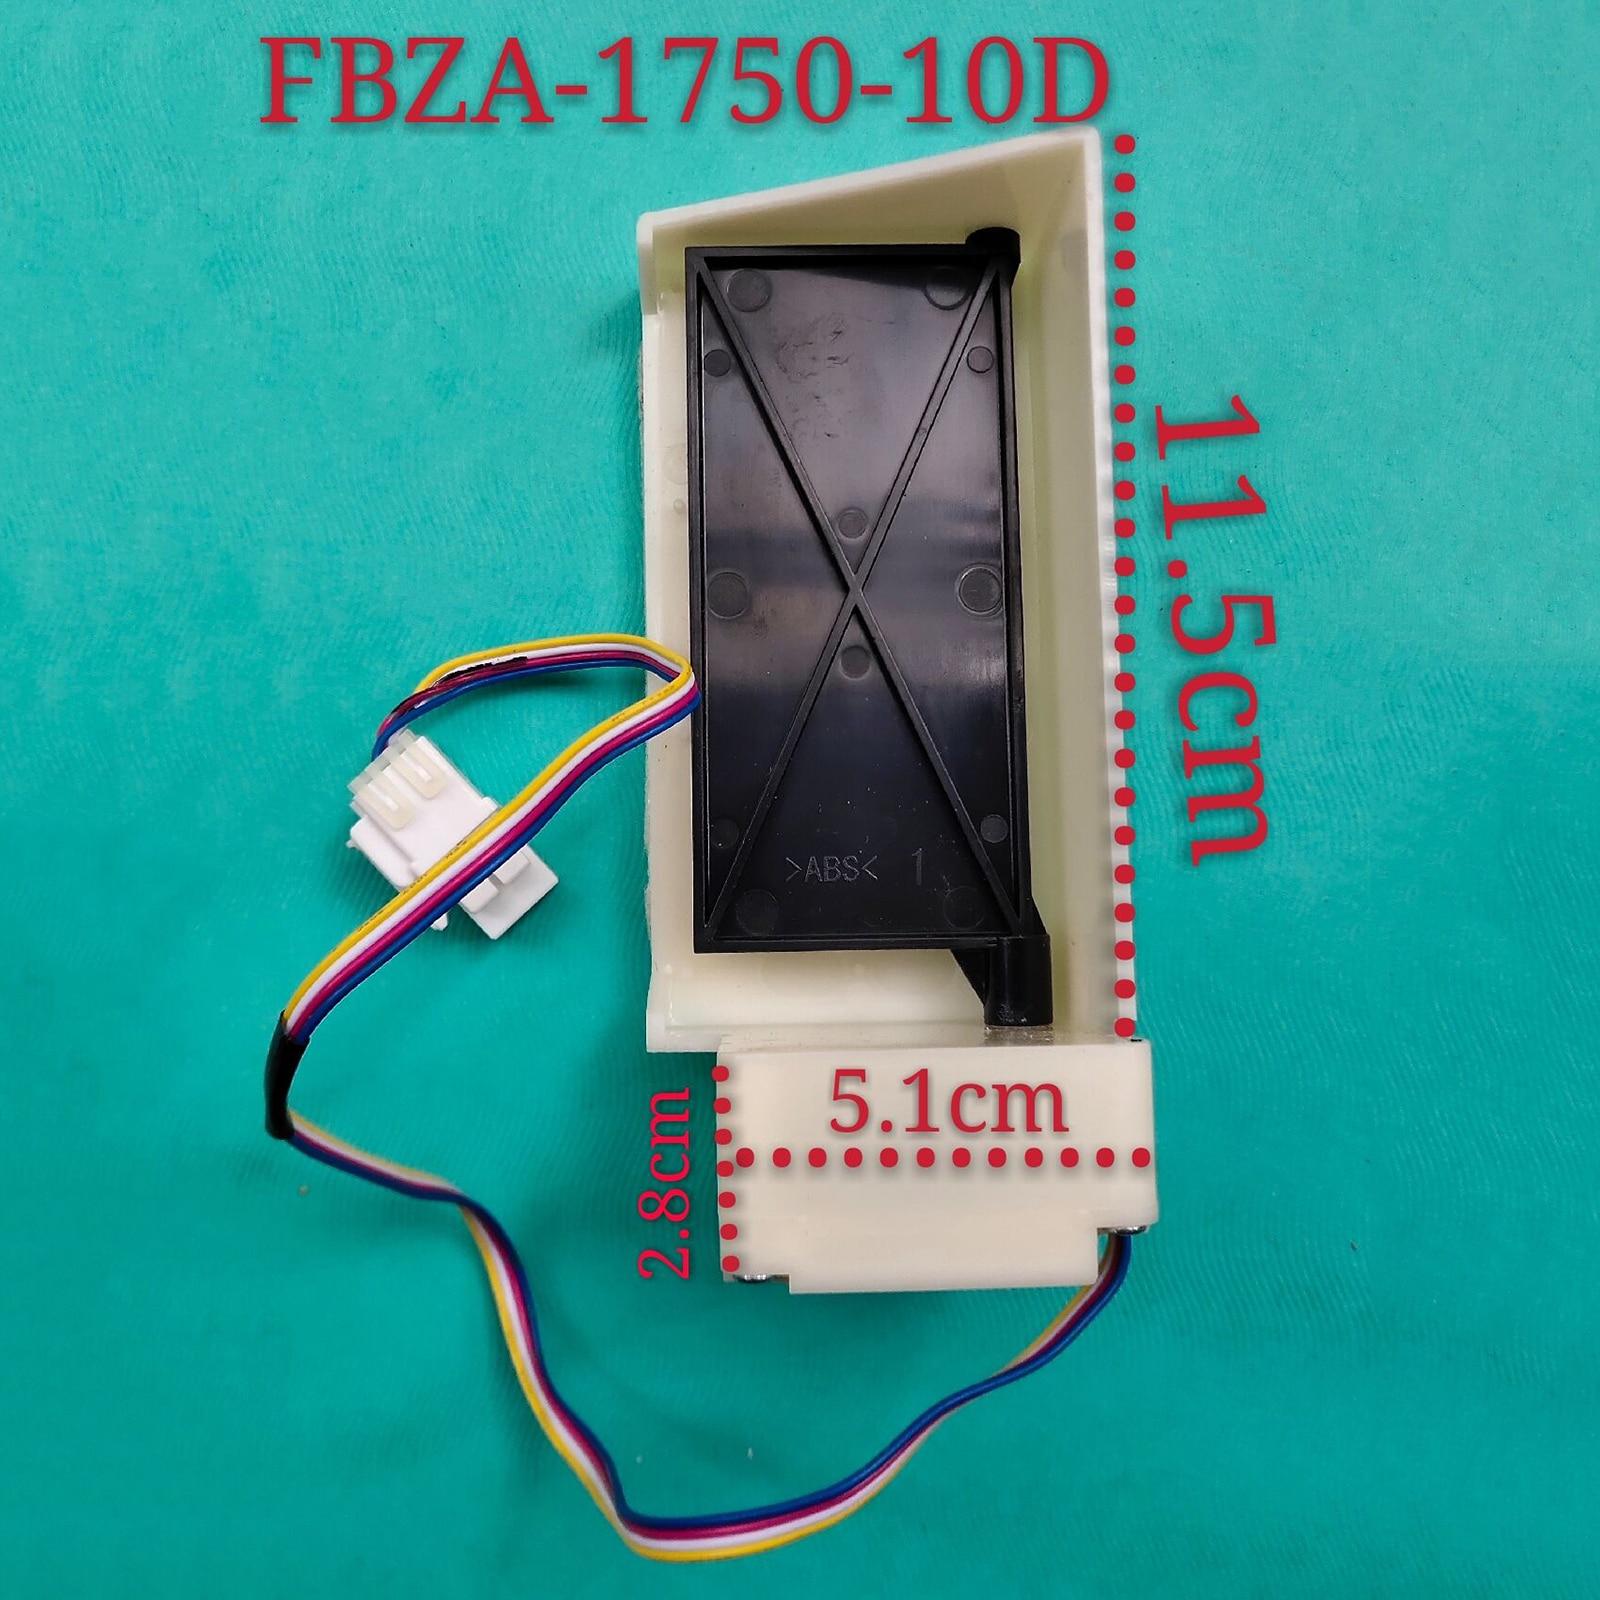 1 قطعة المثبط المحرك FBZA-1750-10D قطع غيار سامسونج DA31-00043F BCD-286WNQISS1 290WNRISA1 WNSIWW الاكسسوارات الثلاجة